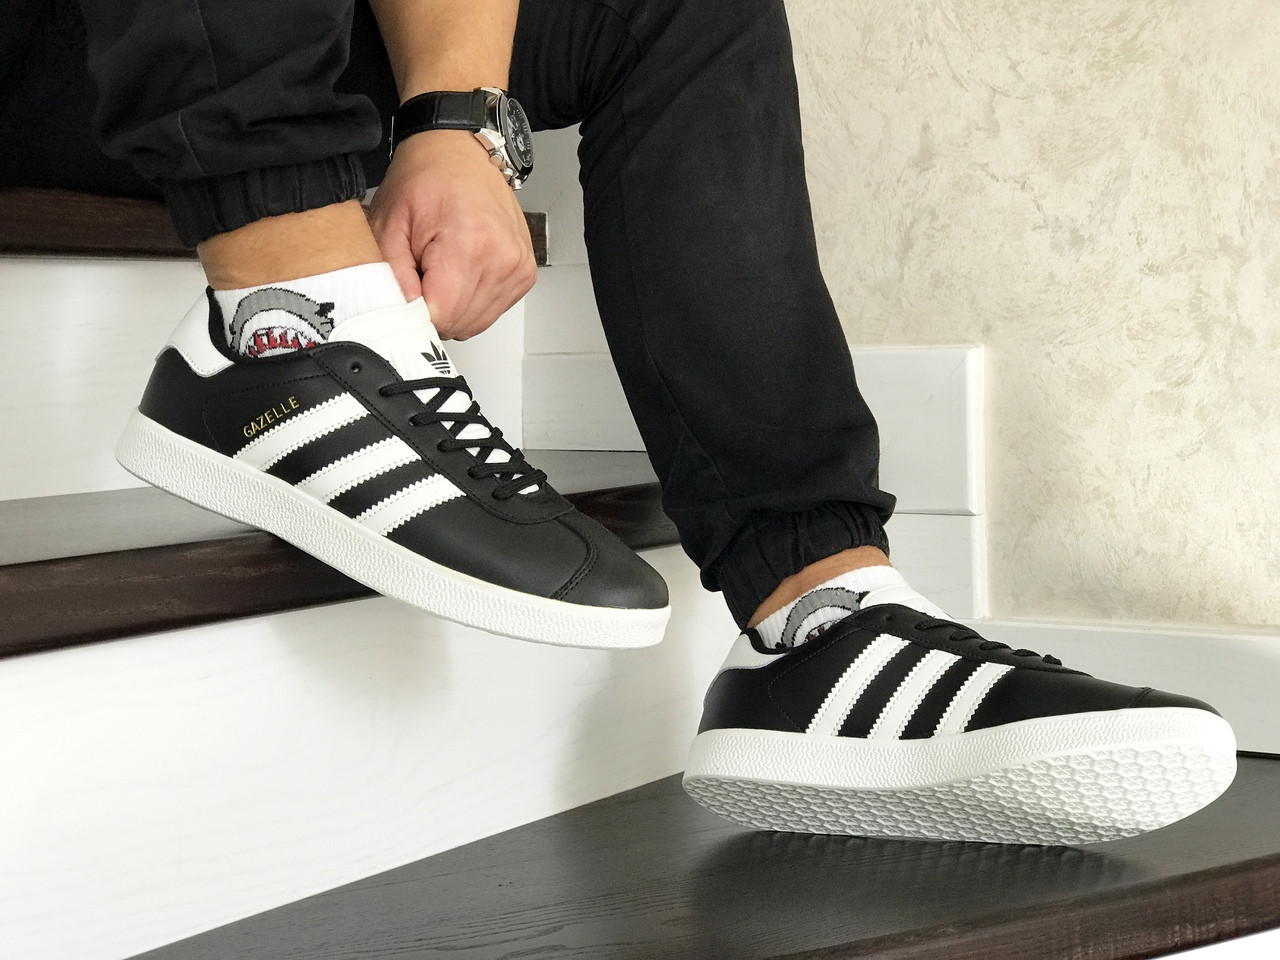 Чоловічі кросівки Adidas Gazelle Leather Traine / кеди адідас газелі (Топ репліка ААА+)